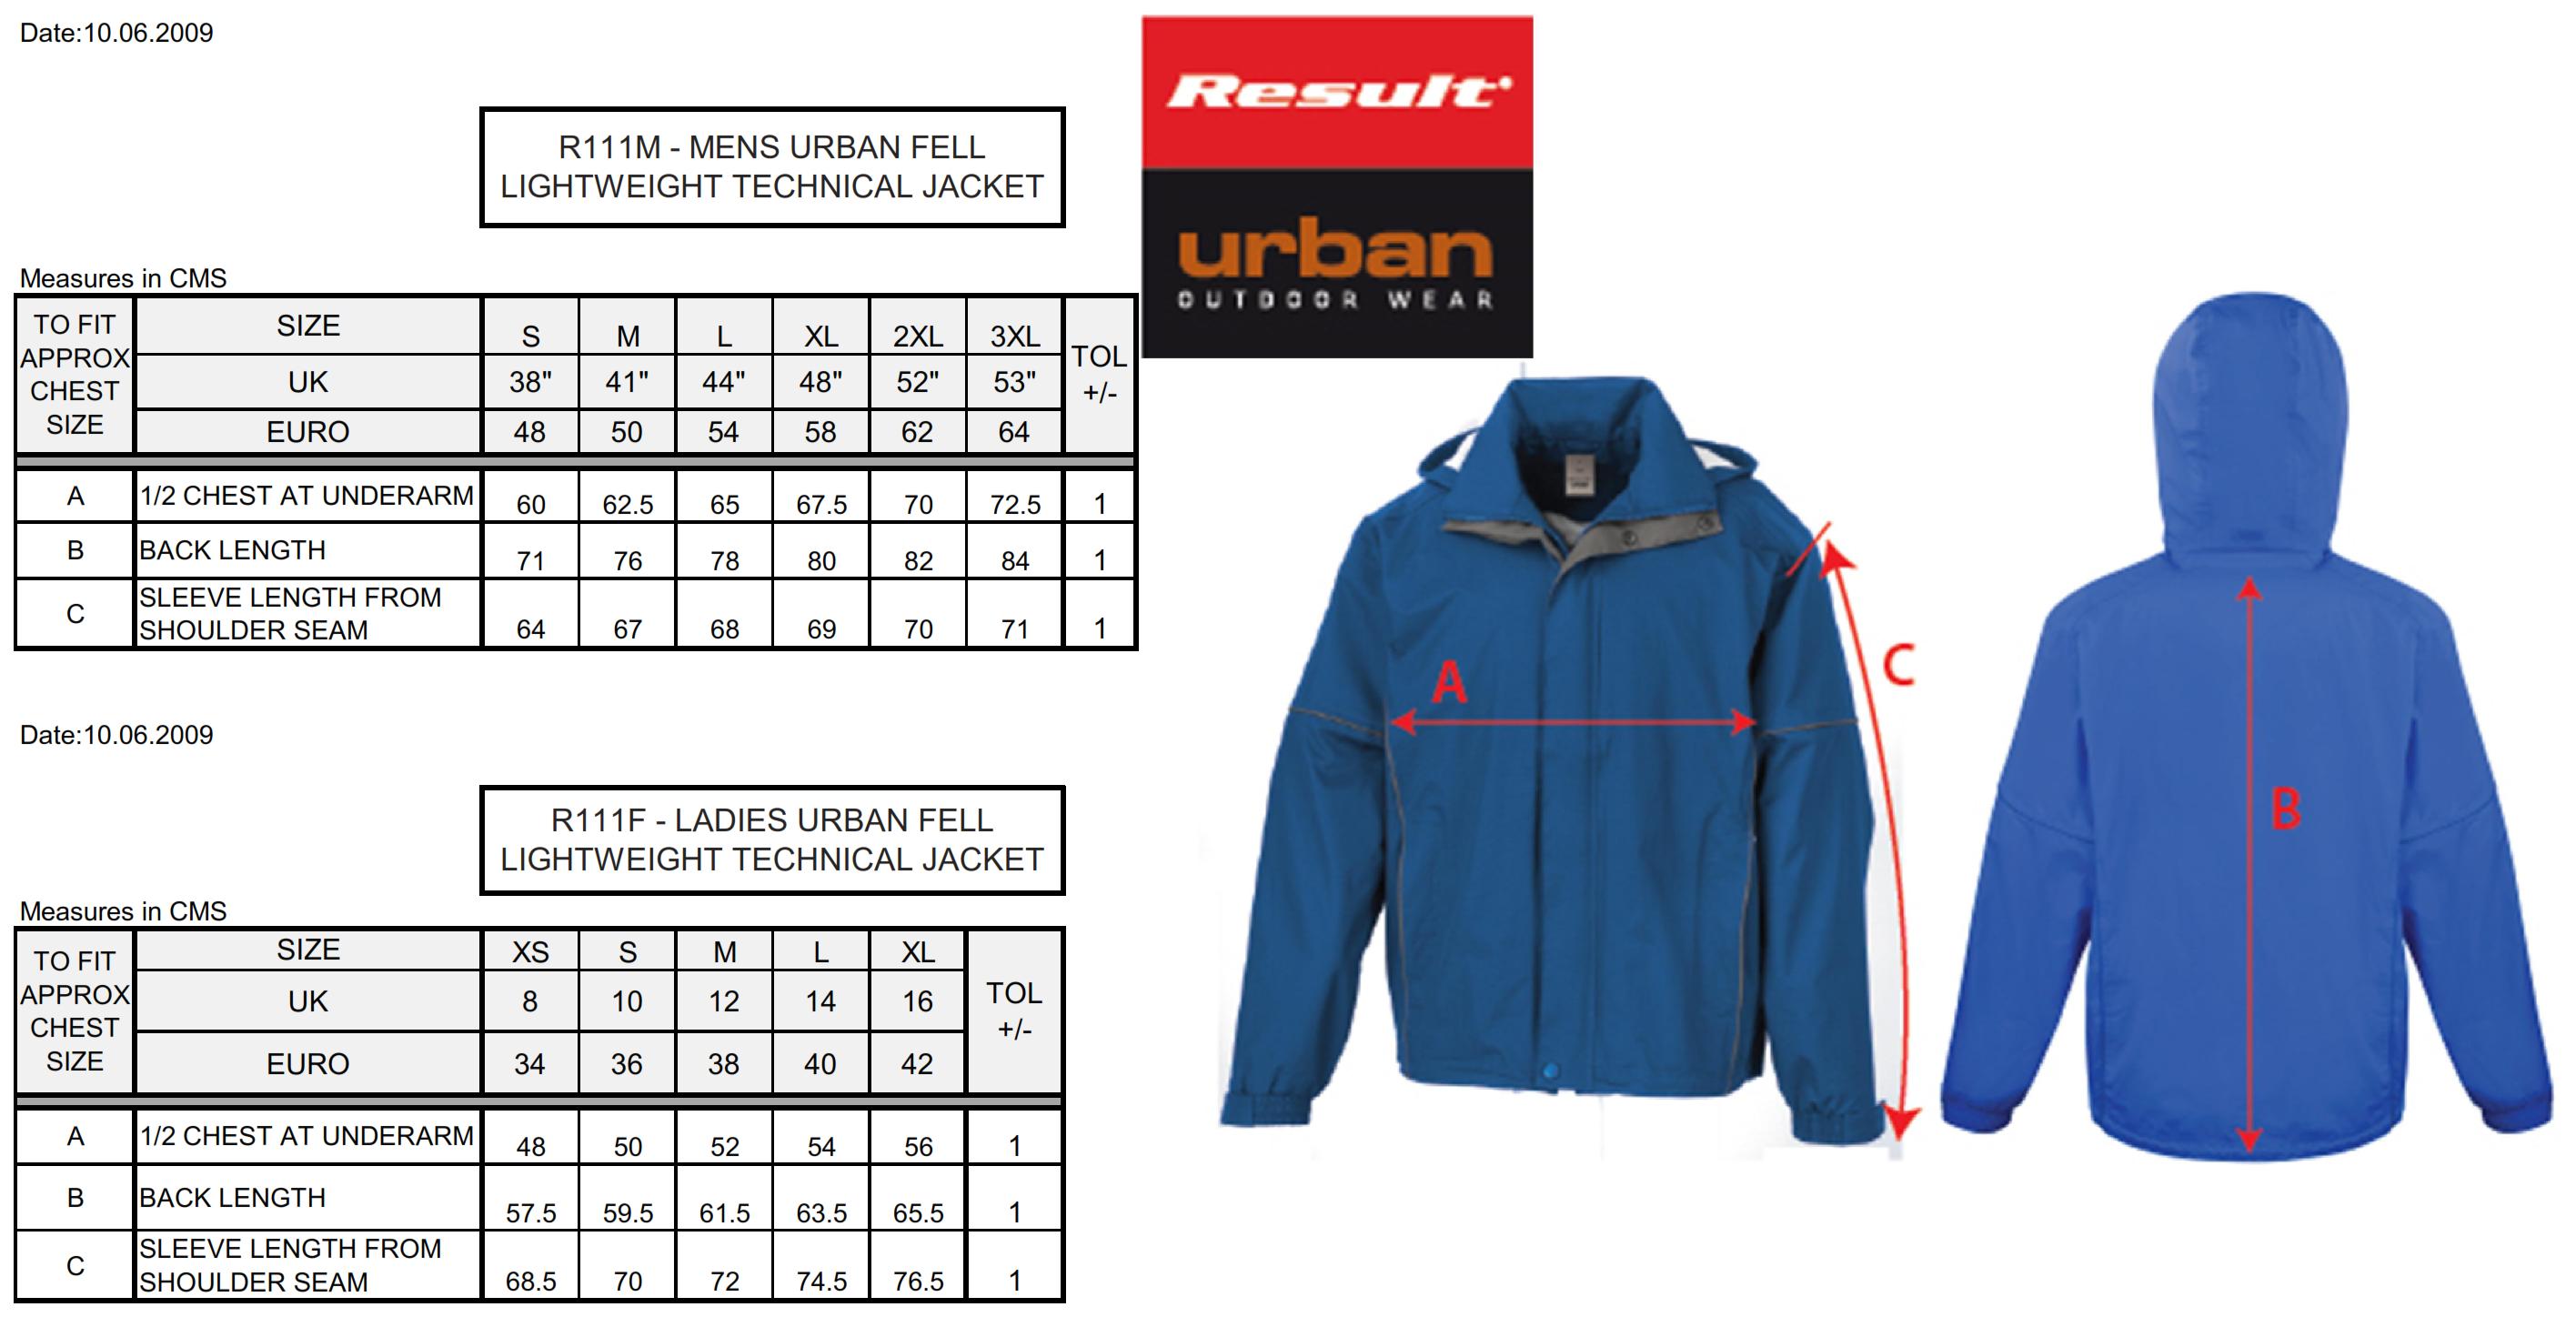 Result: Urban Fell Lightweight Jacket R111M